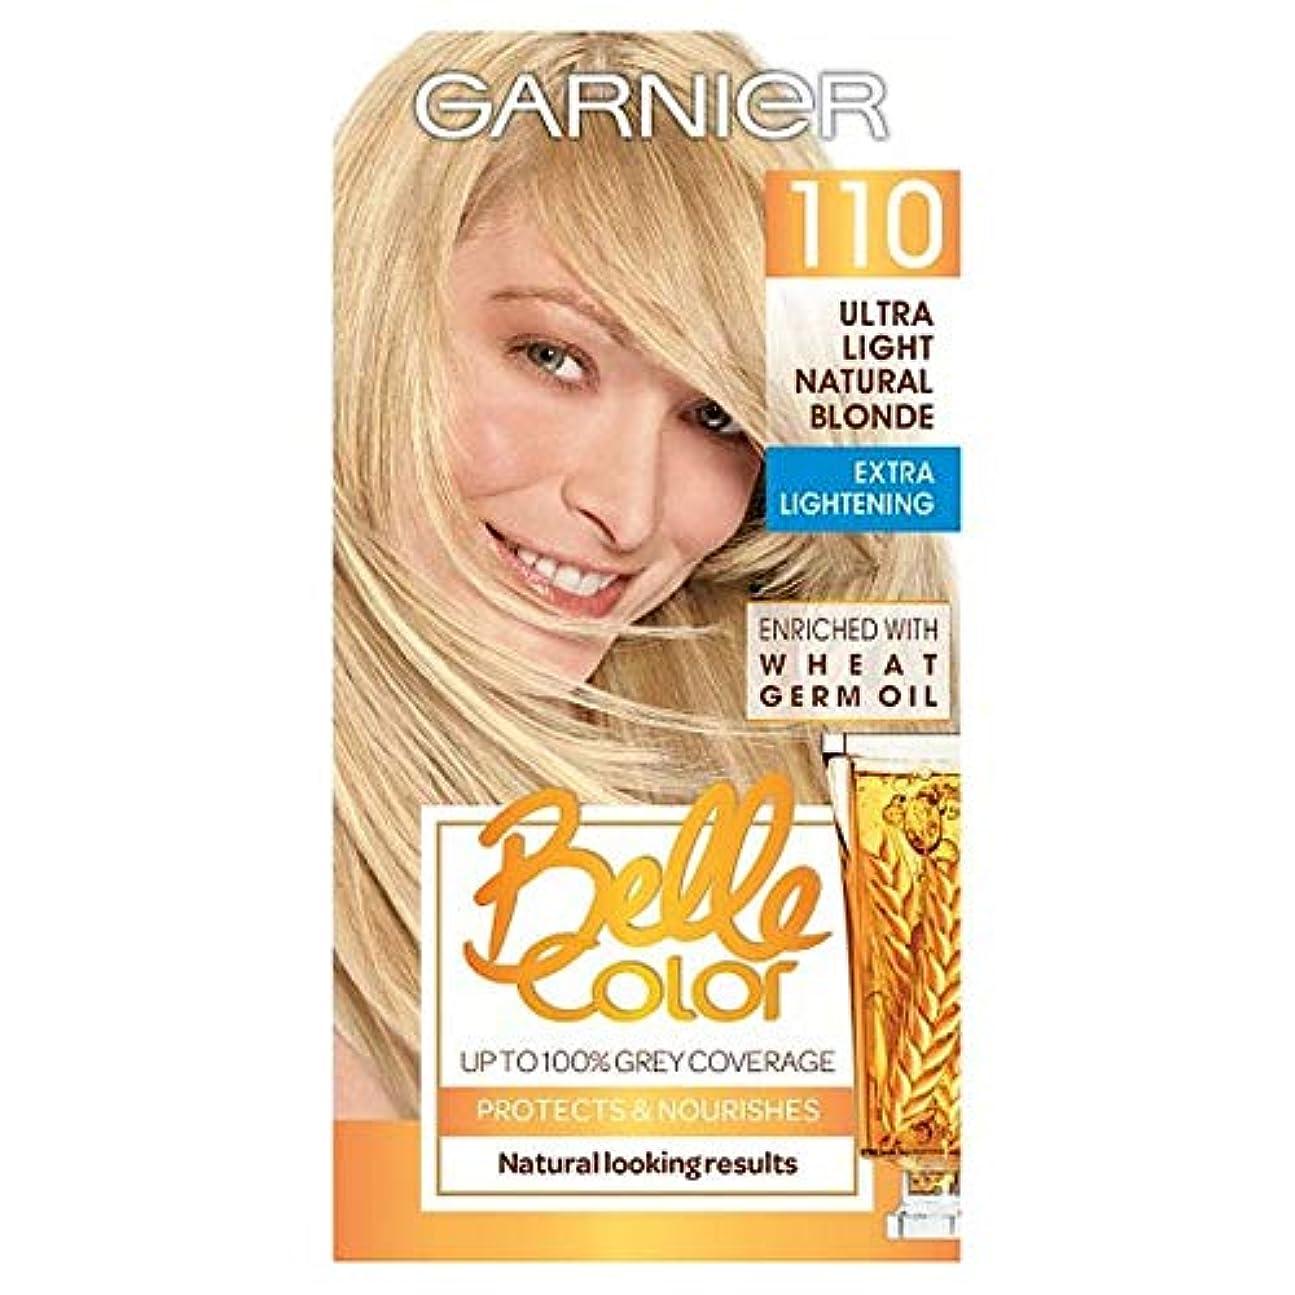 ダルセット宇宙のジャーナリスト[Belle Color ] ガーン/ベル/Clr 110超軽量天然ブロンドパーマネント毛髪染料 - Garn/Bel/Clr 110 Ultra Light Natural Blonde Permanent Hair...